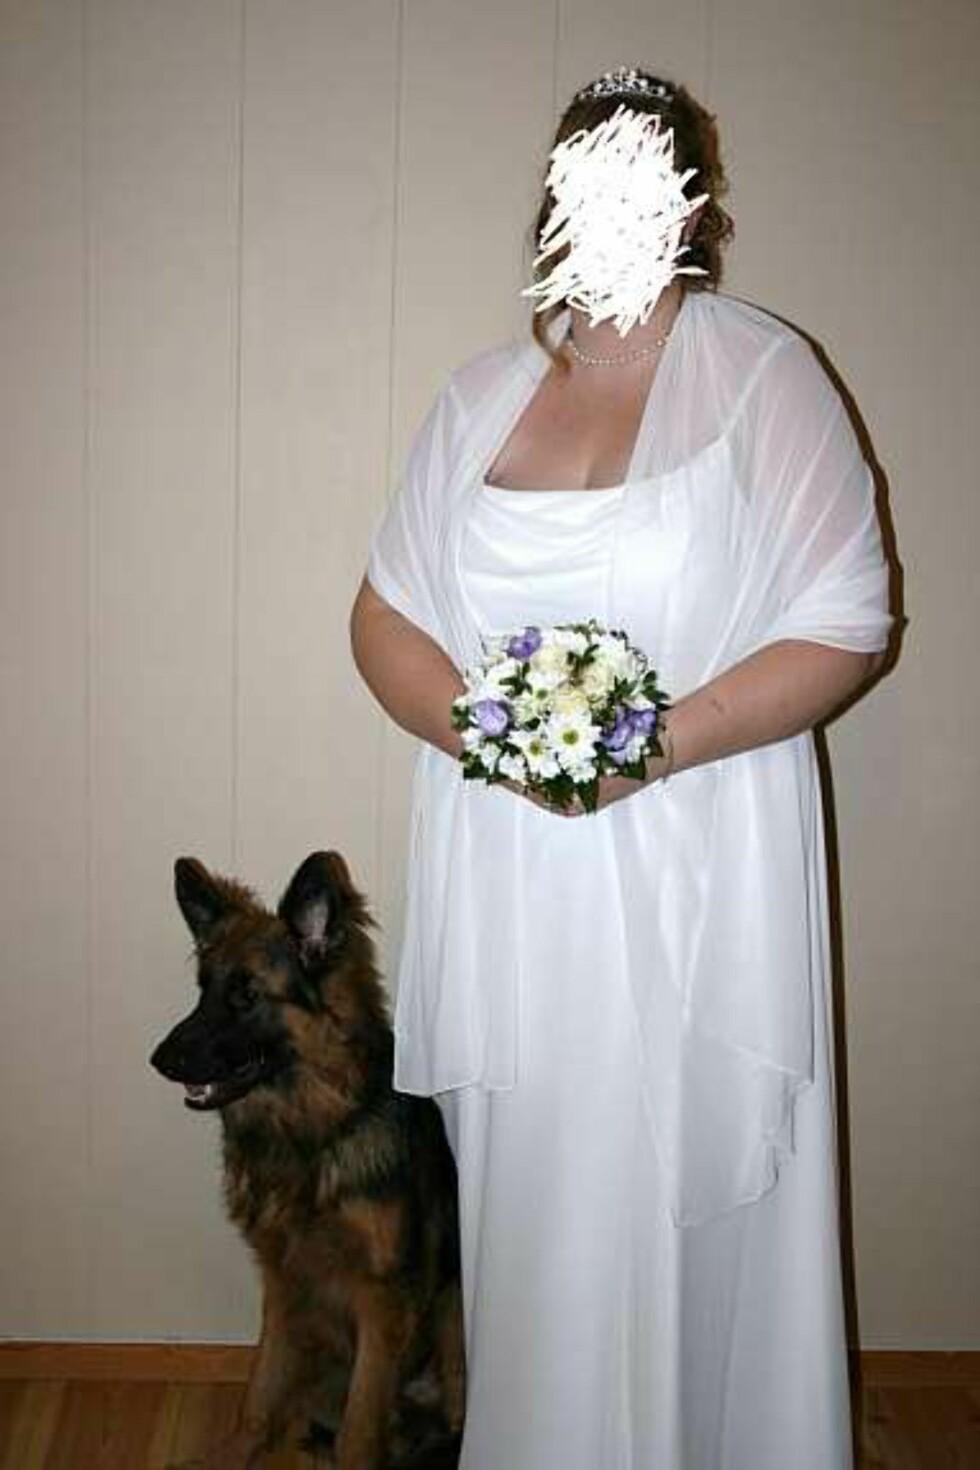 """""""Det var da et kjekt par??"""" og """"Rimelig urettferdig å ikke sladde brudgommen også!"""" er blant kommentarene under dette bildet på Facebook. Foto: Faksimile: Finn.no"""